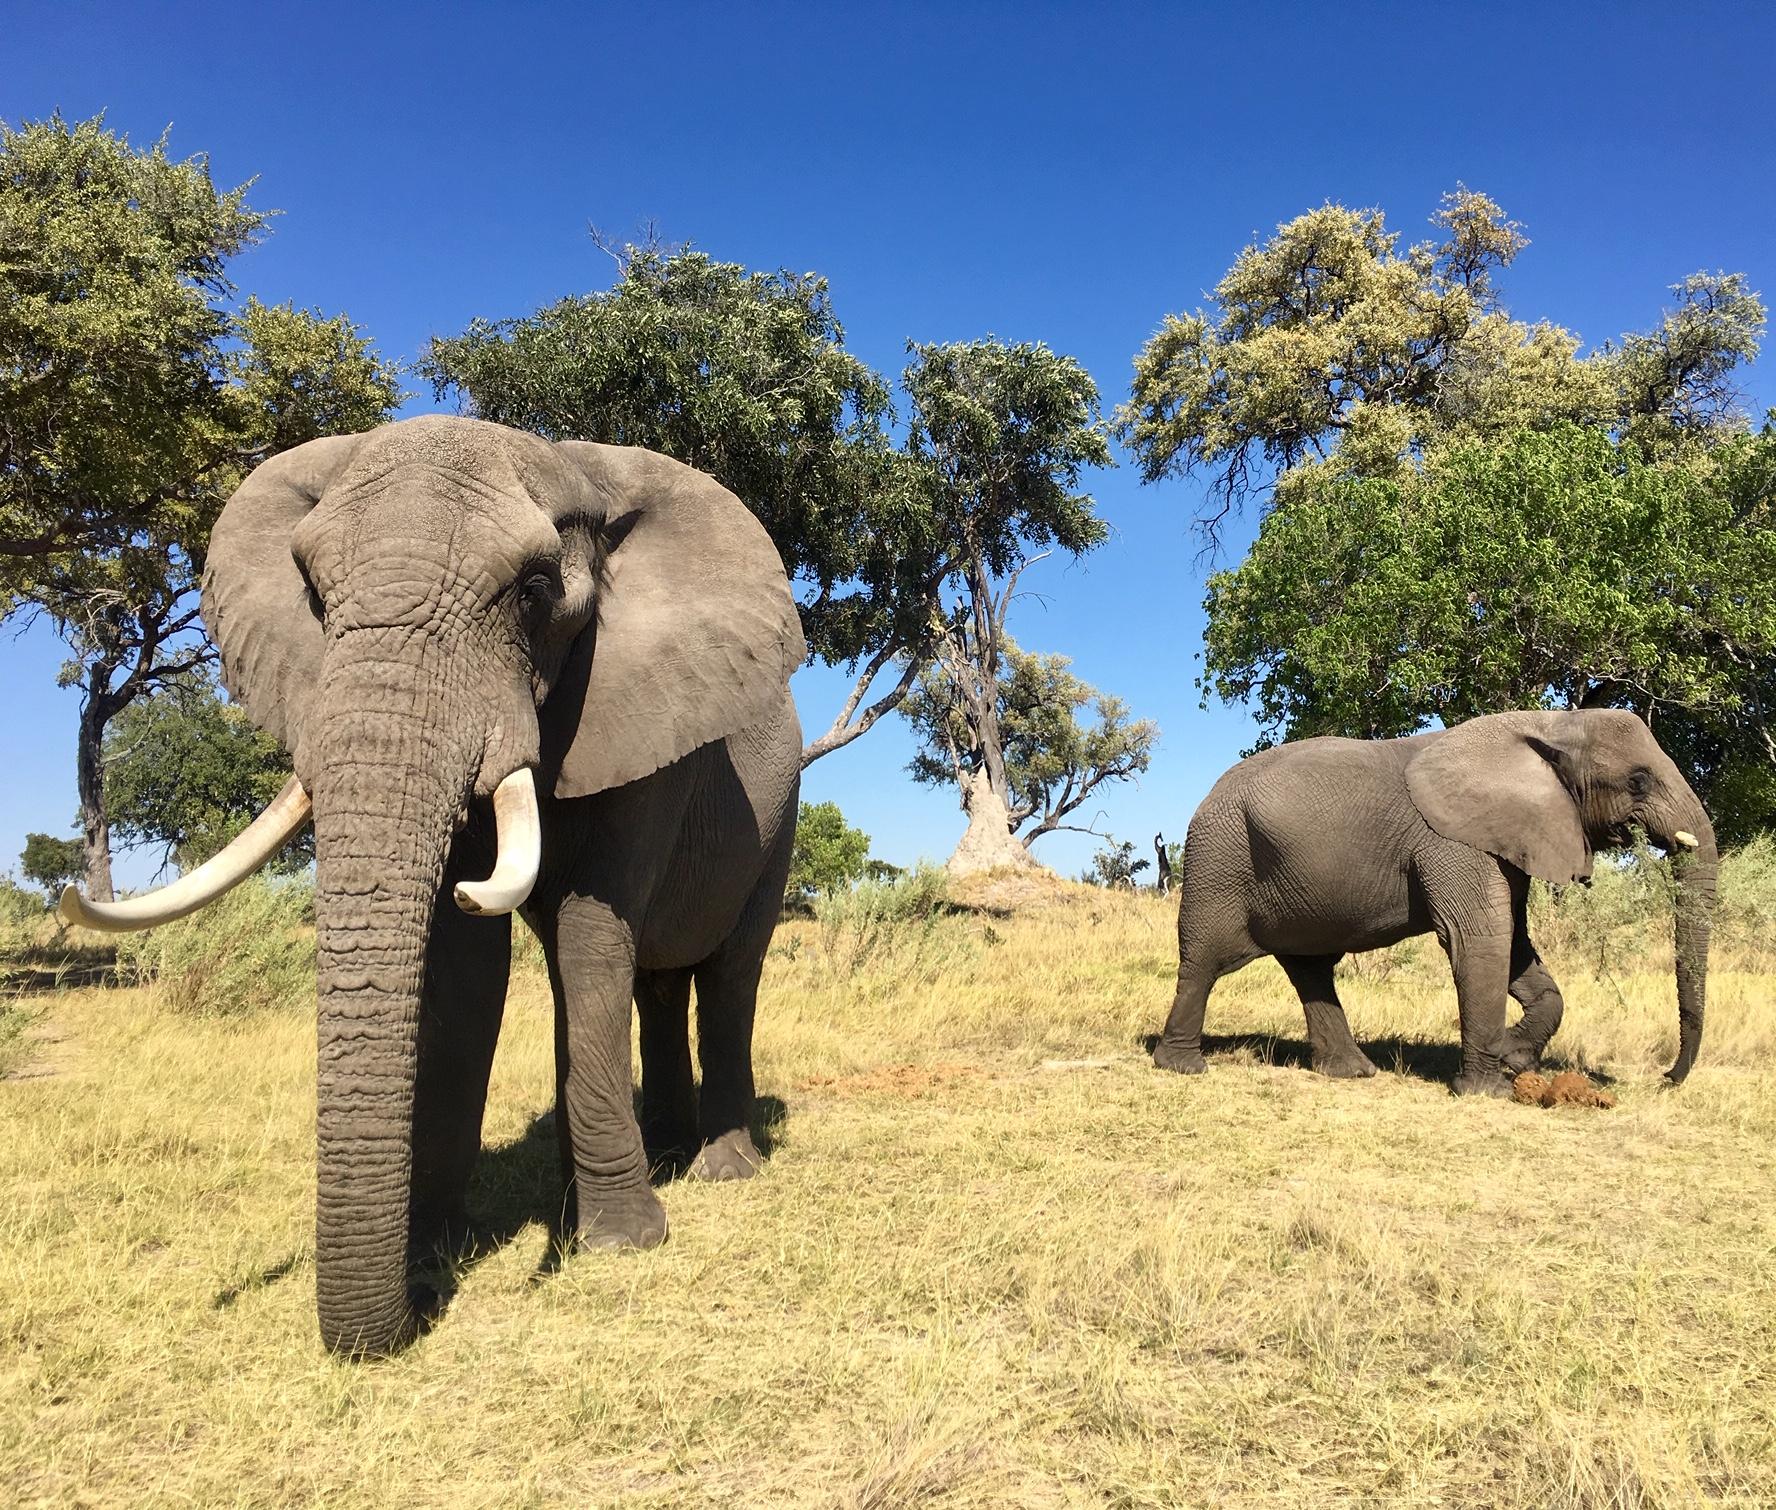 Strolling 'Hand-in-Trunk' in Botswana 5